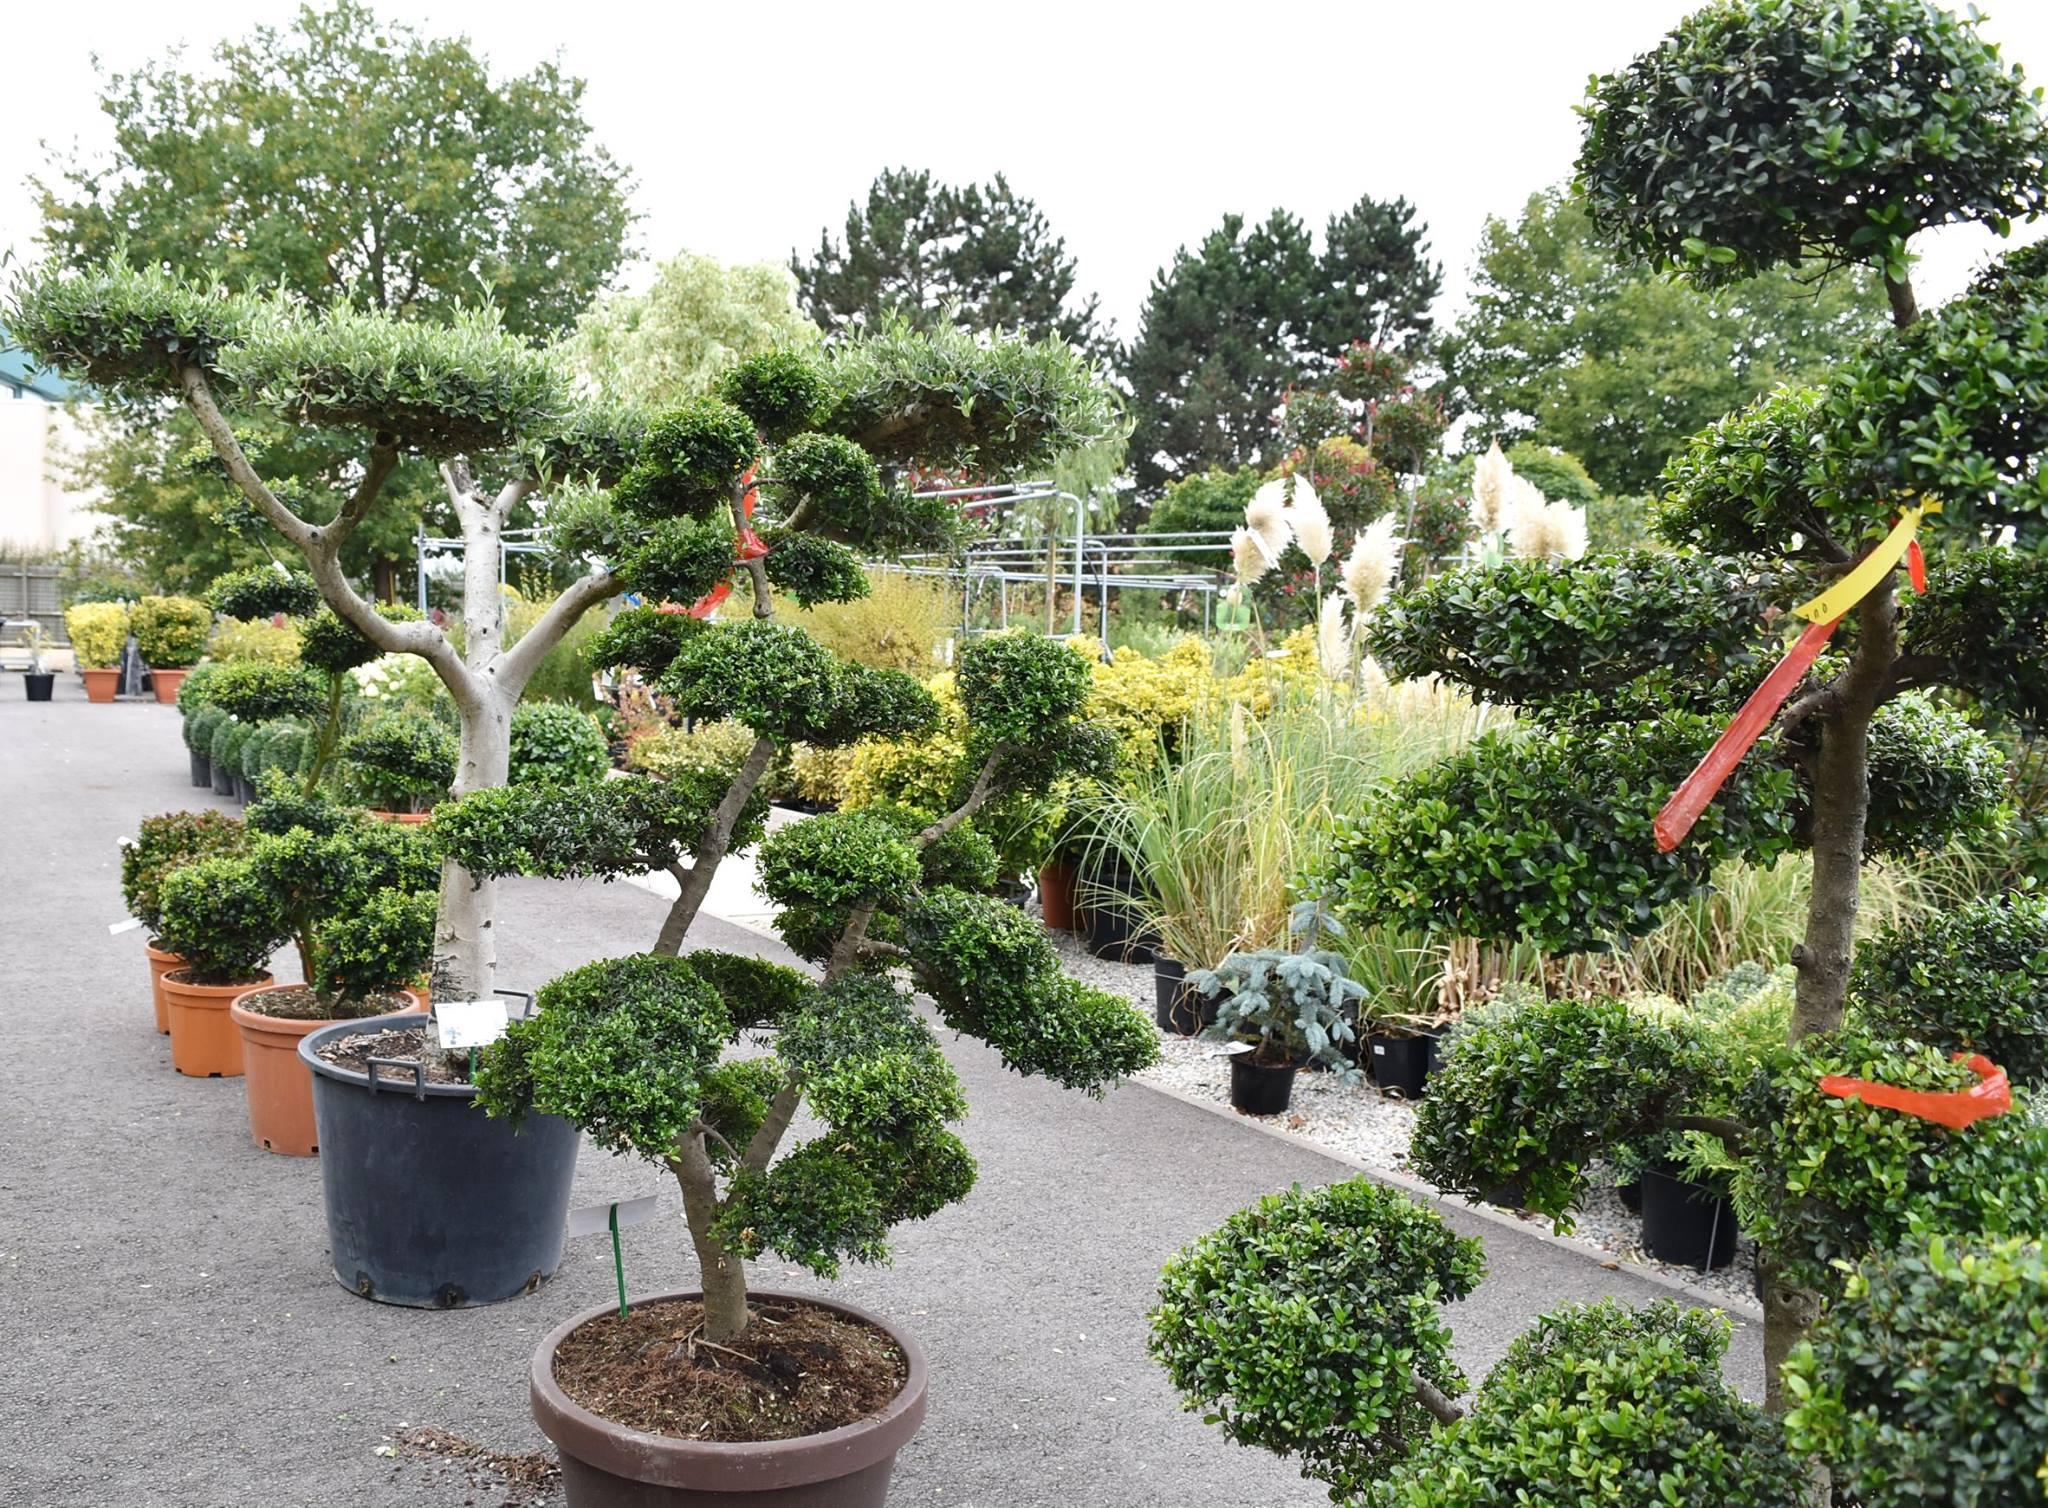 Décoration & Cadeaux, Pépinières, Plantes Vertes & Fleuries ... avec Arbustes Decoration Jardin